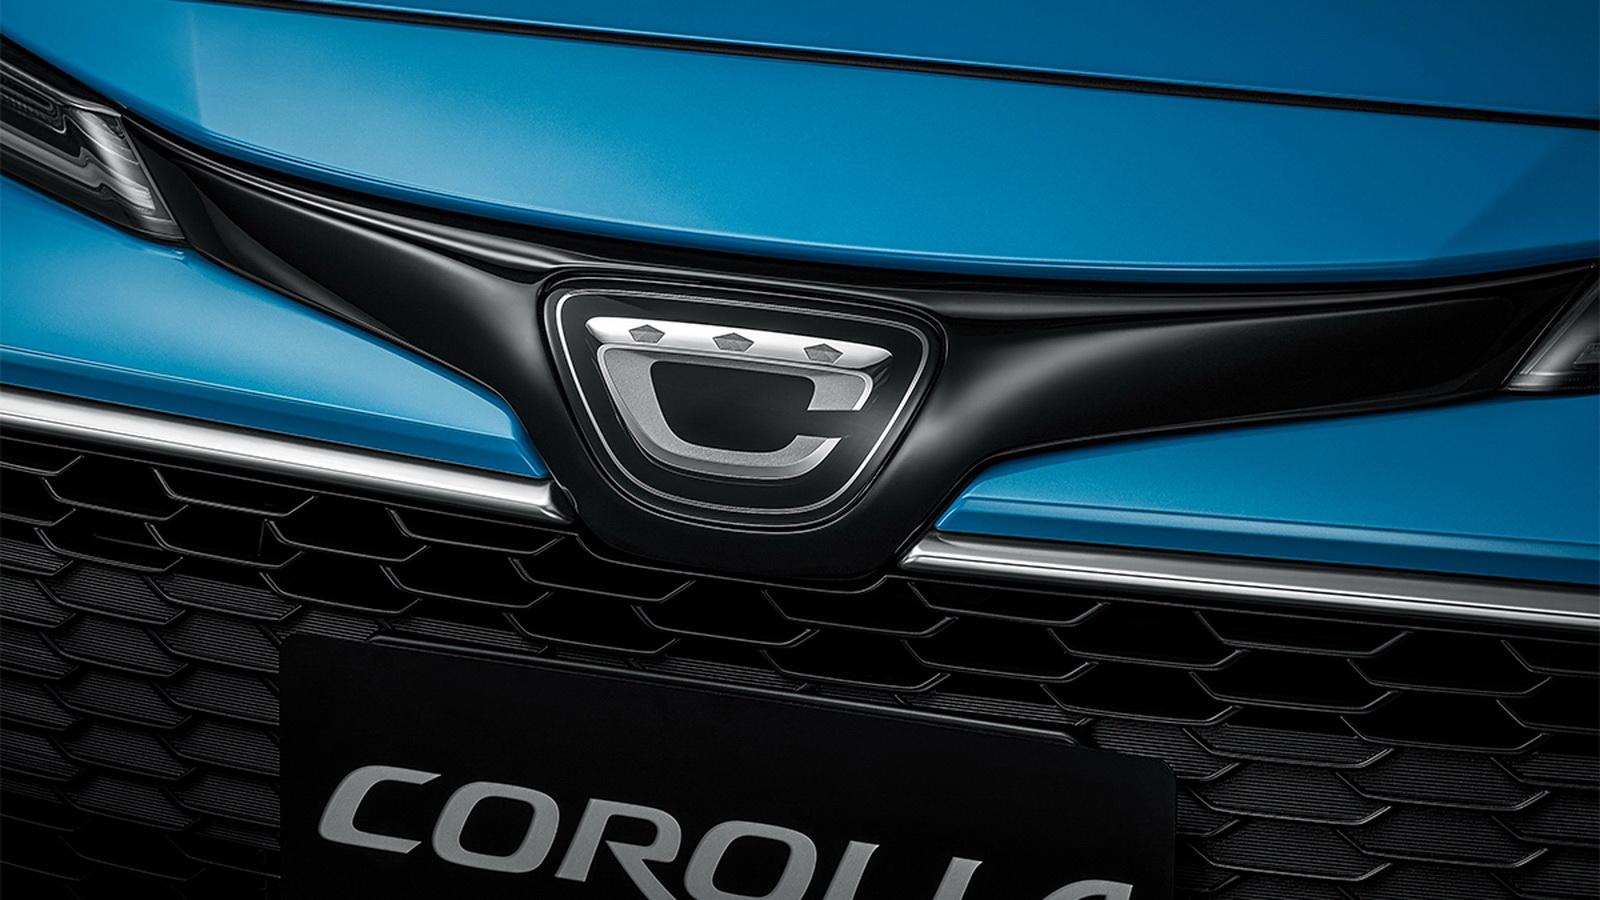 圖/Corolla Sport外觀最大亮點為,車頭改搭載日規專屬廠徽,讓人一眼就能辨識日本製的純正血統。